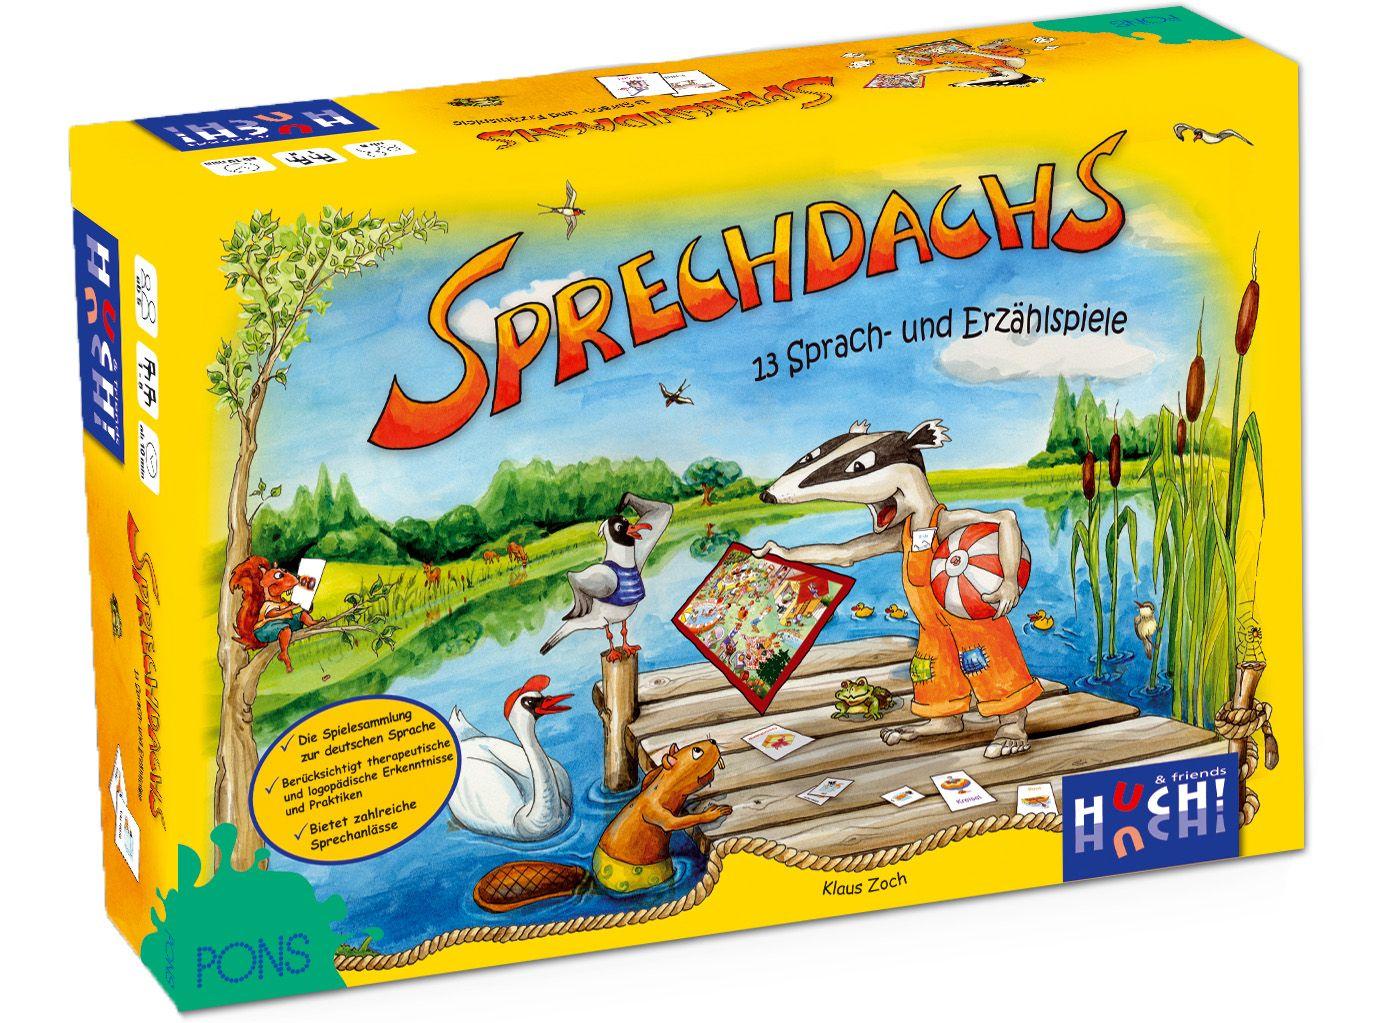 HUCH FRIENDS Huch! & friends Kinderspiel, »Sprechdachs«